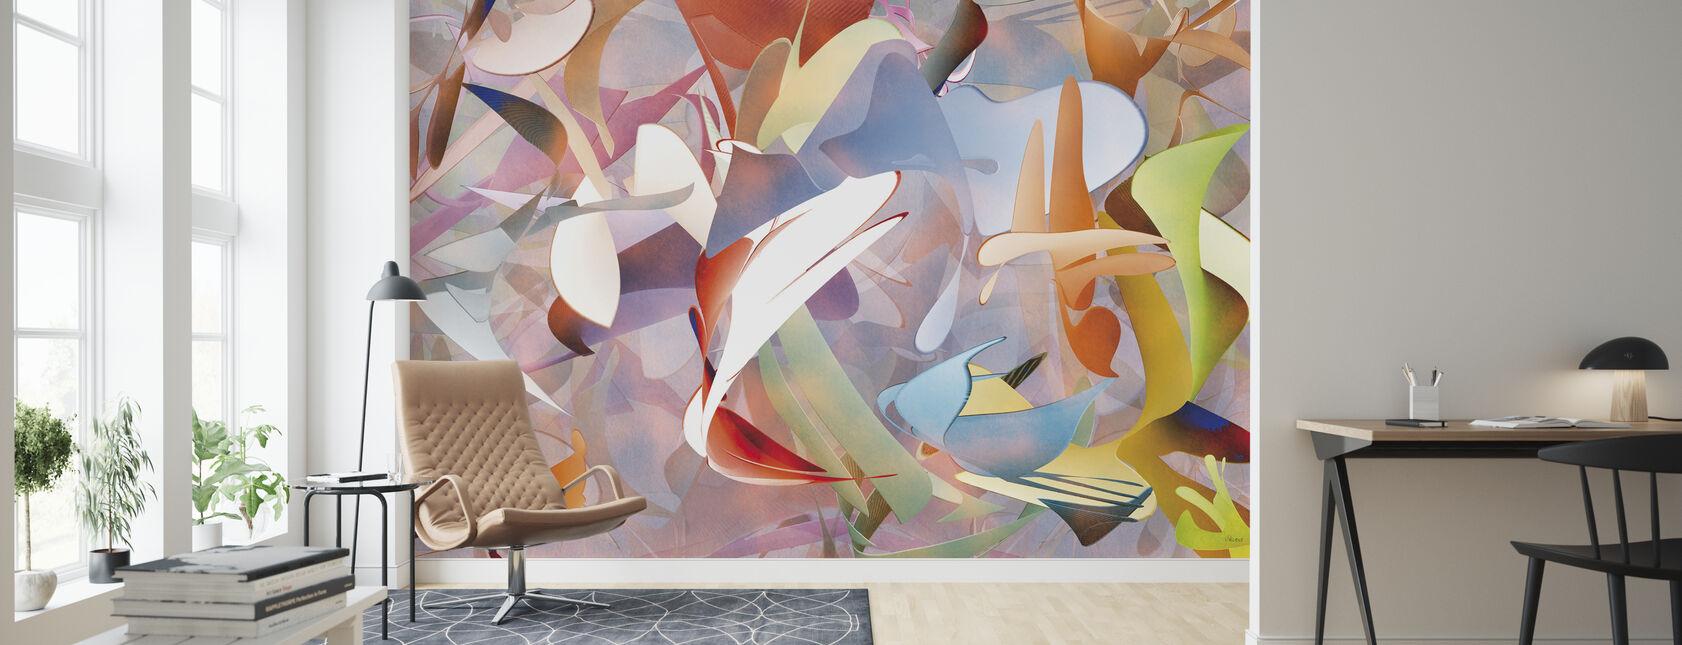 Dog Dreams - Wallpaper - Living Room